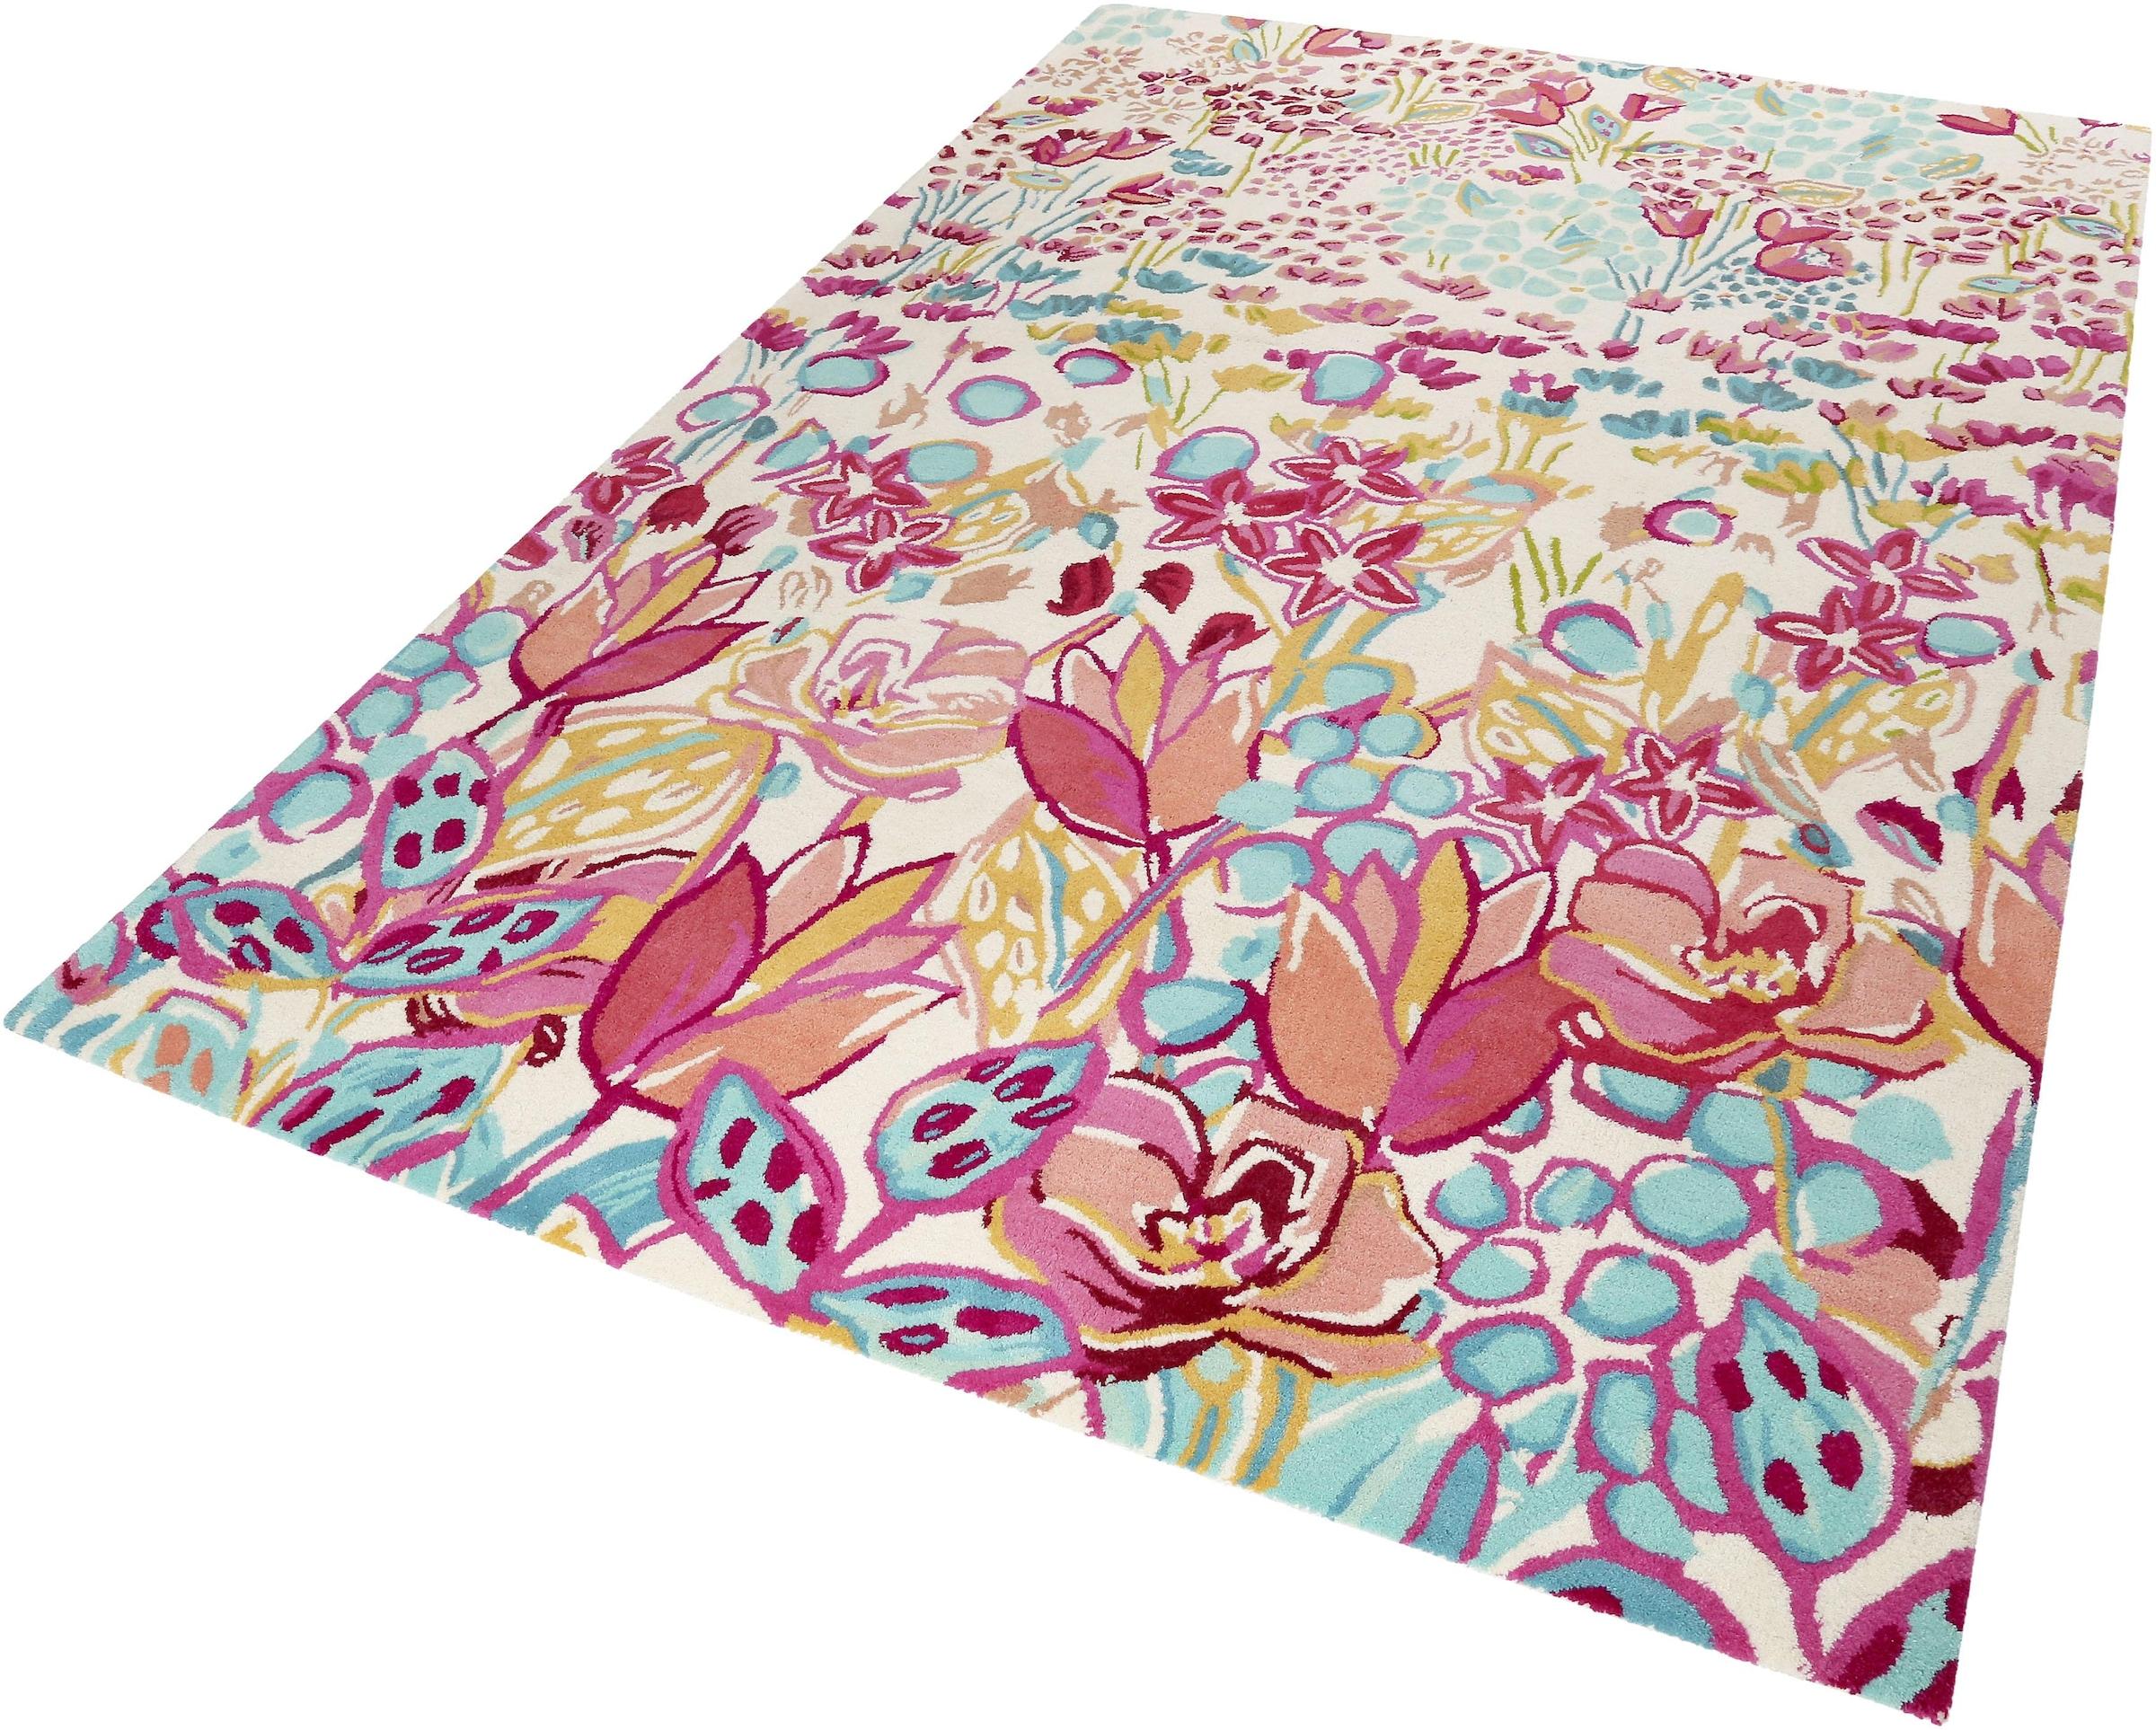 Image of Accessorize Home Wollteppich »Splash Bouquet«, rechteckig, 16 mm Höhe, reine Wolle, kräftige Farben, Wohnzimmer